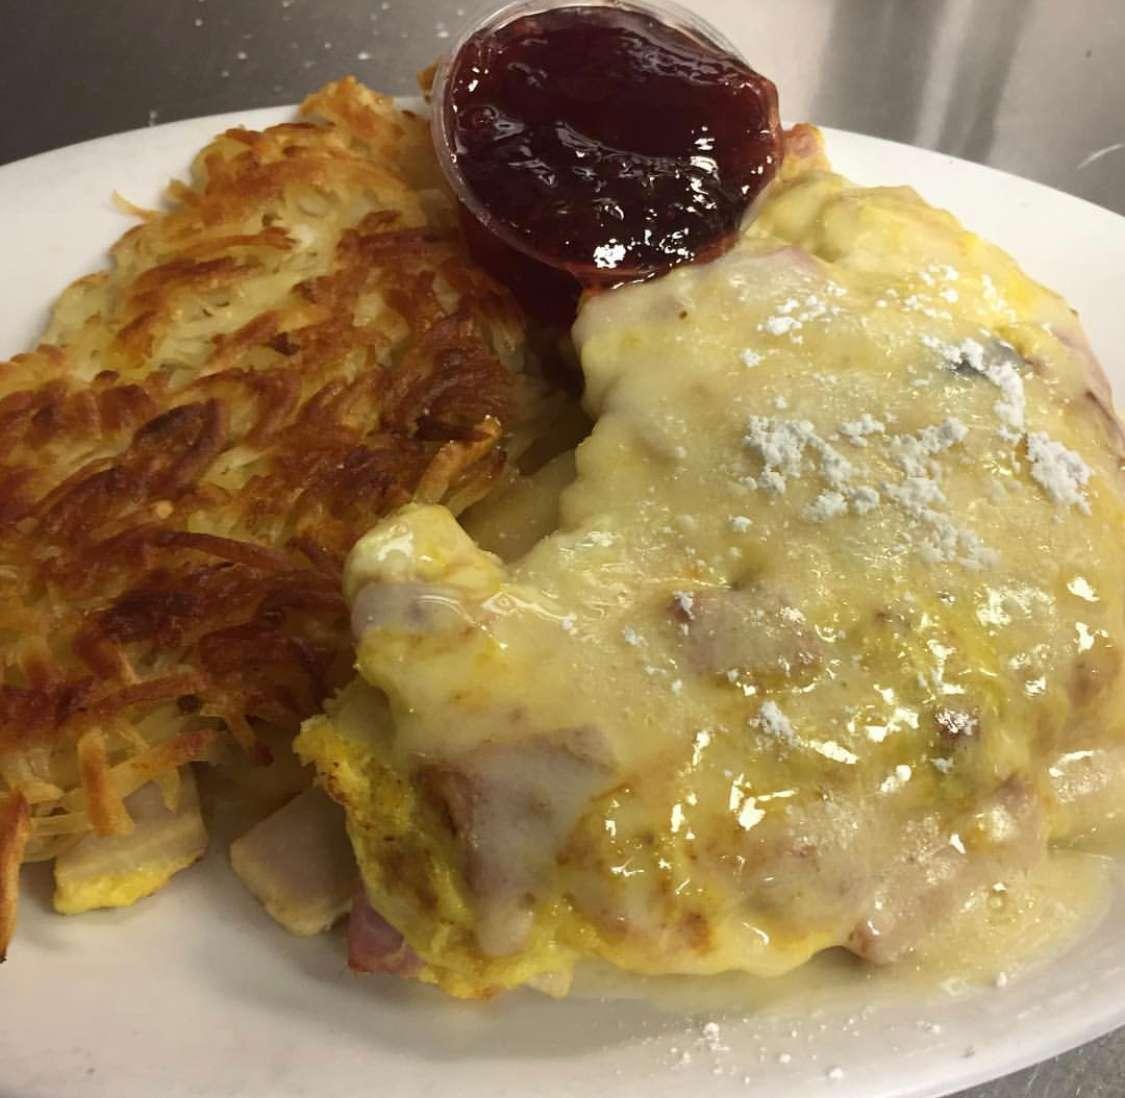 Monte Cristo omelette